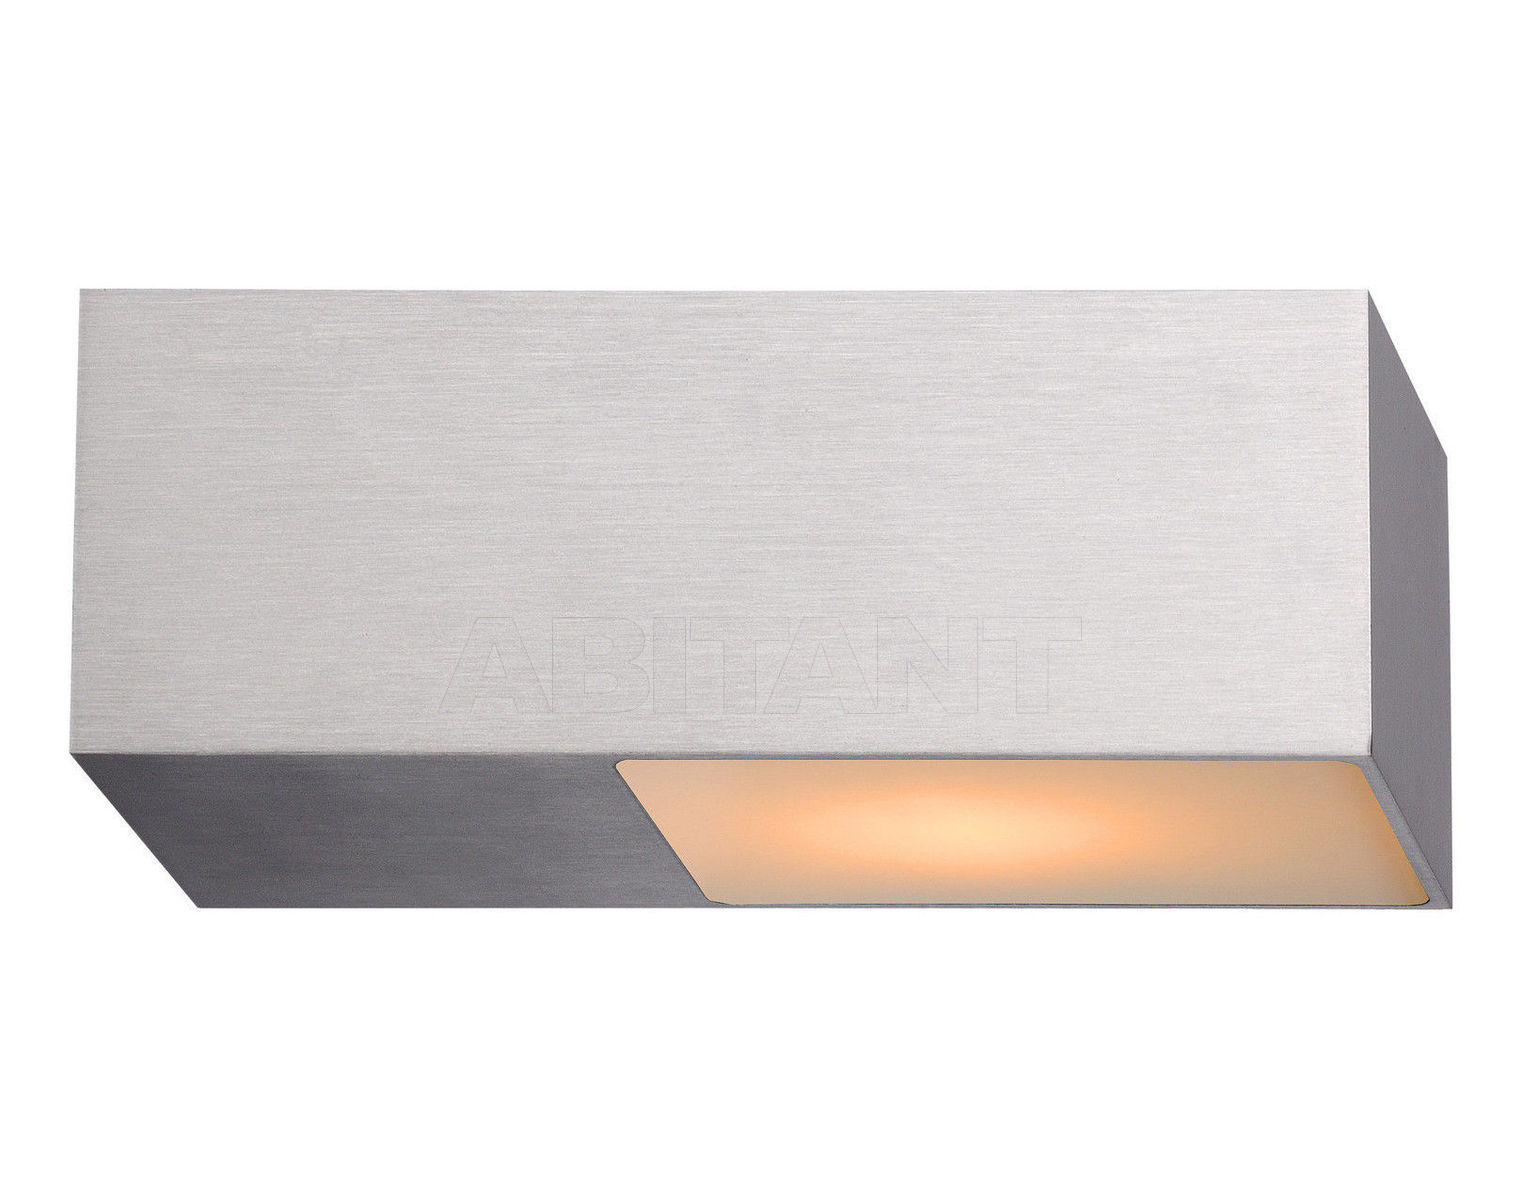 Купить Фасадный светильник ALU Lucide  Outdoor 2013 10840/71/12